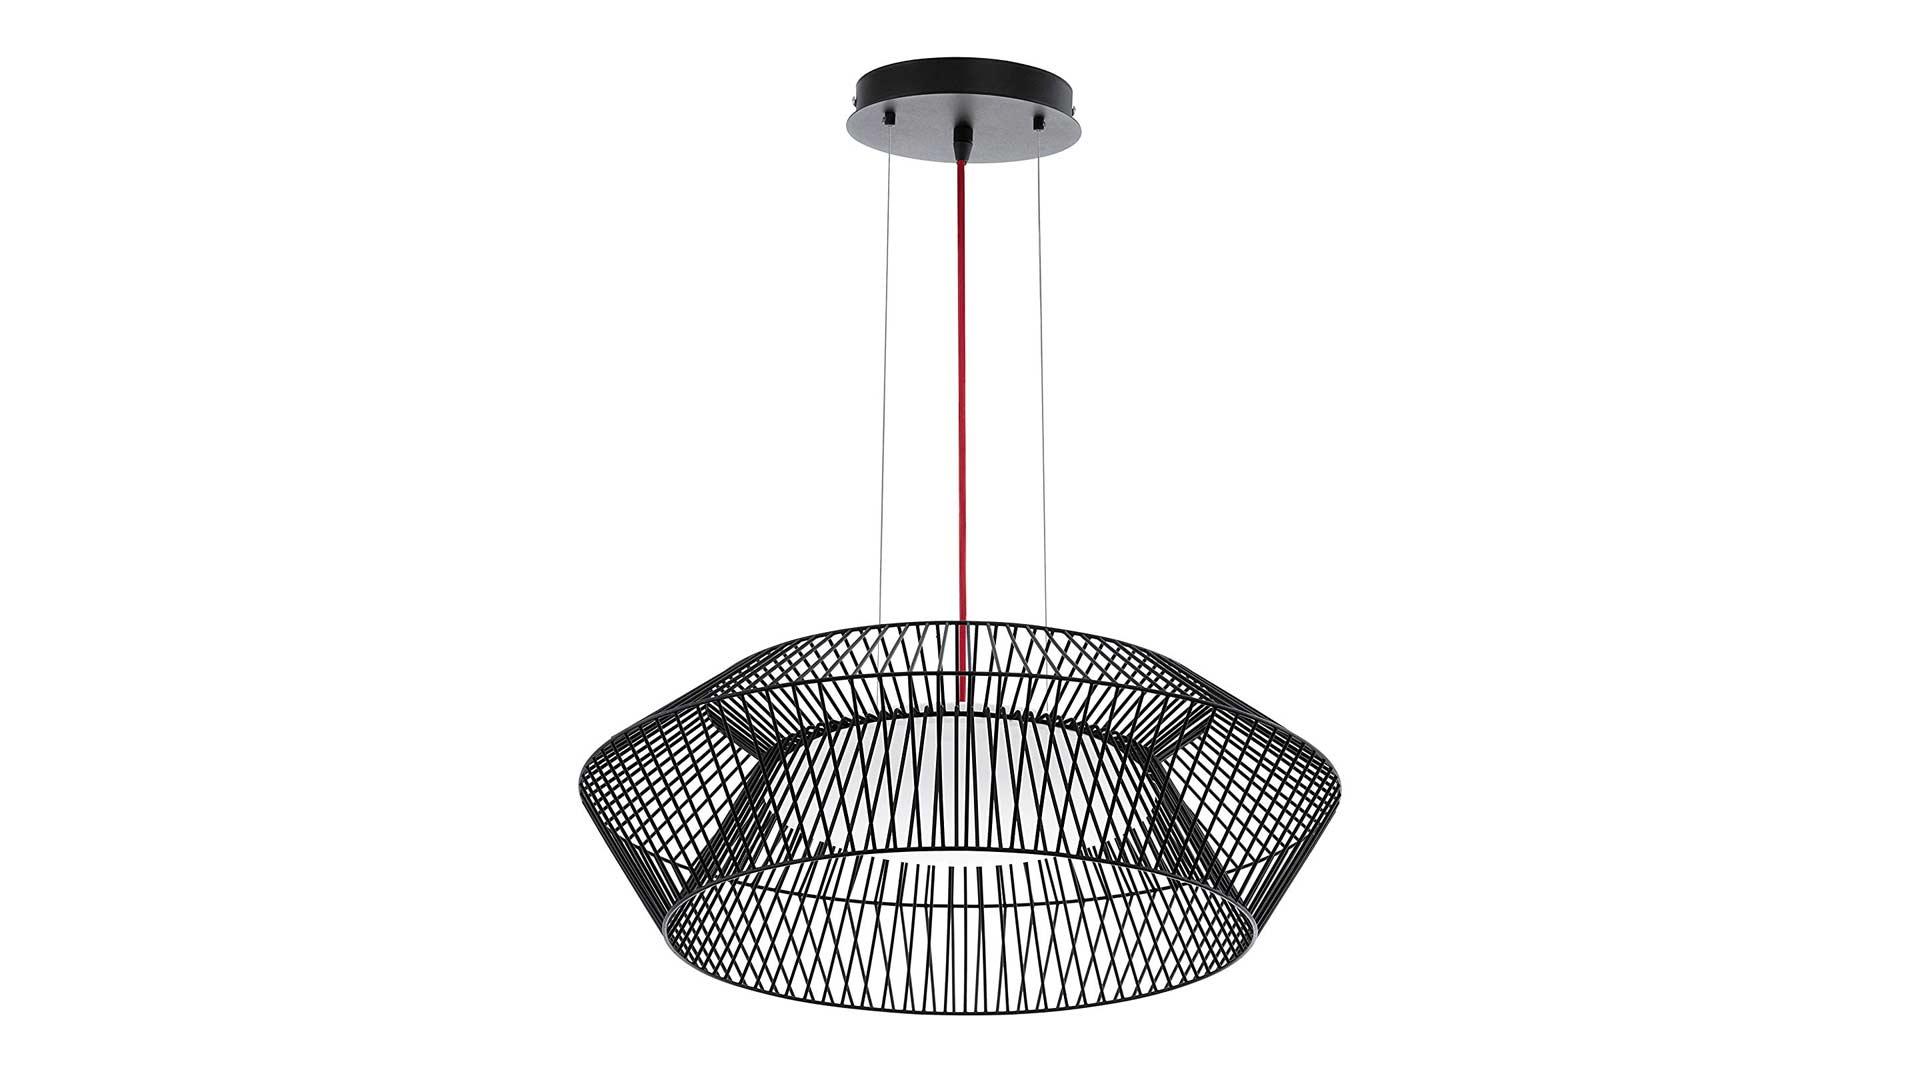 immagine in evidenza della pagina Lampada a soffitto eglo in metallo